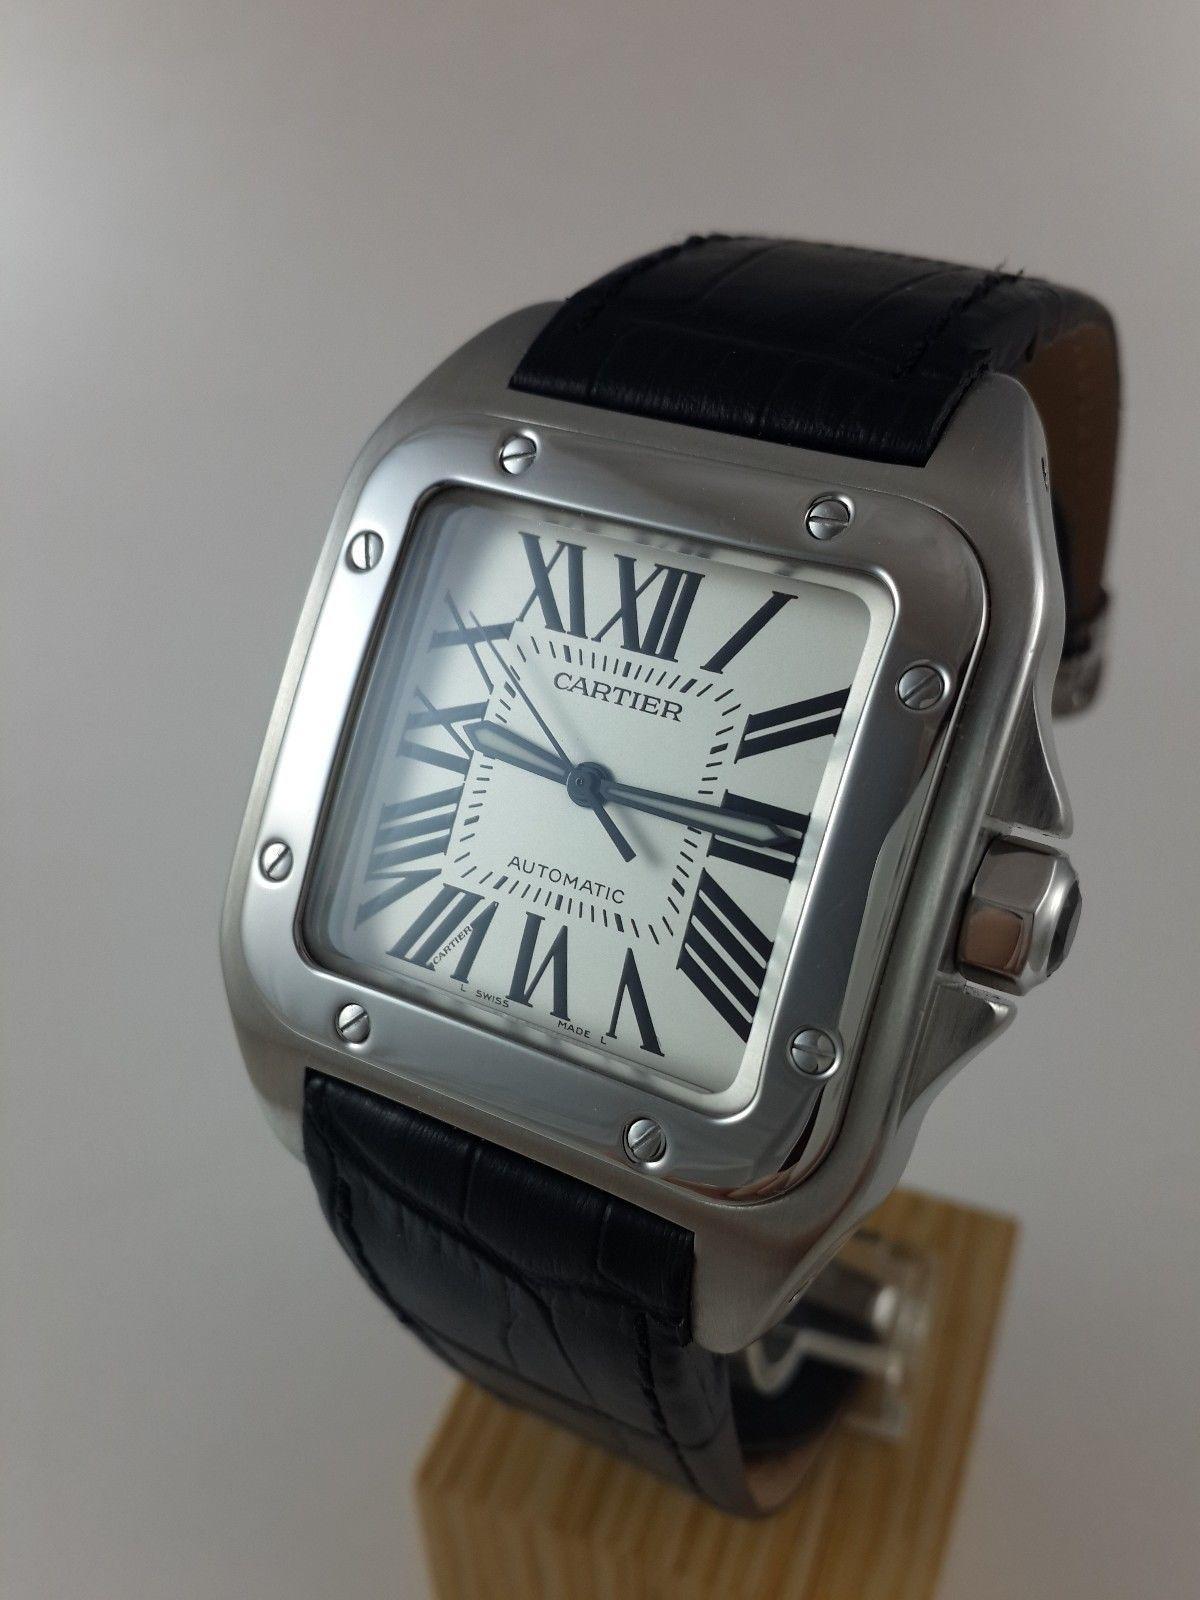 caaa375a44d88 MEN'S CARTIER SANTOS 100 XL AUTOMATIC STEEL WATCH 2656 | Cartier ...